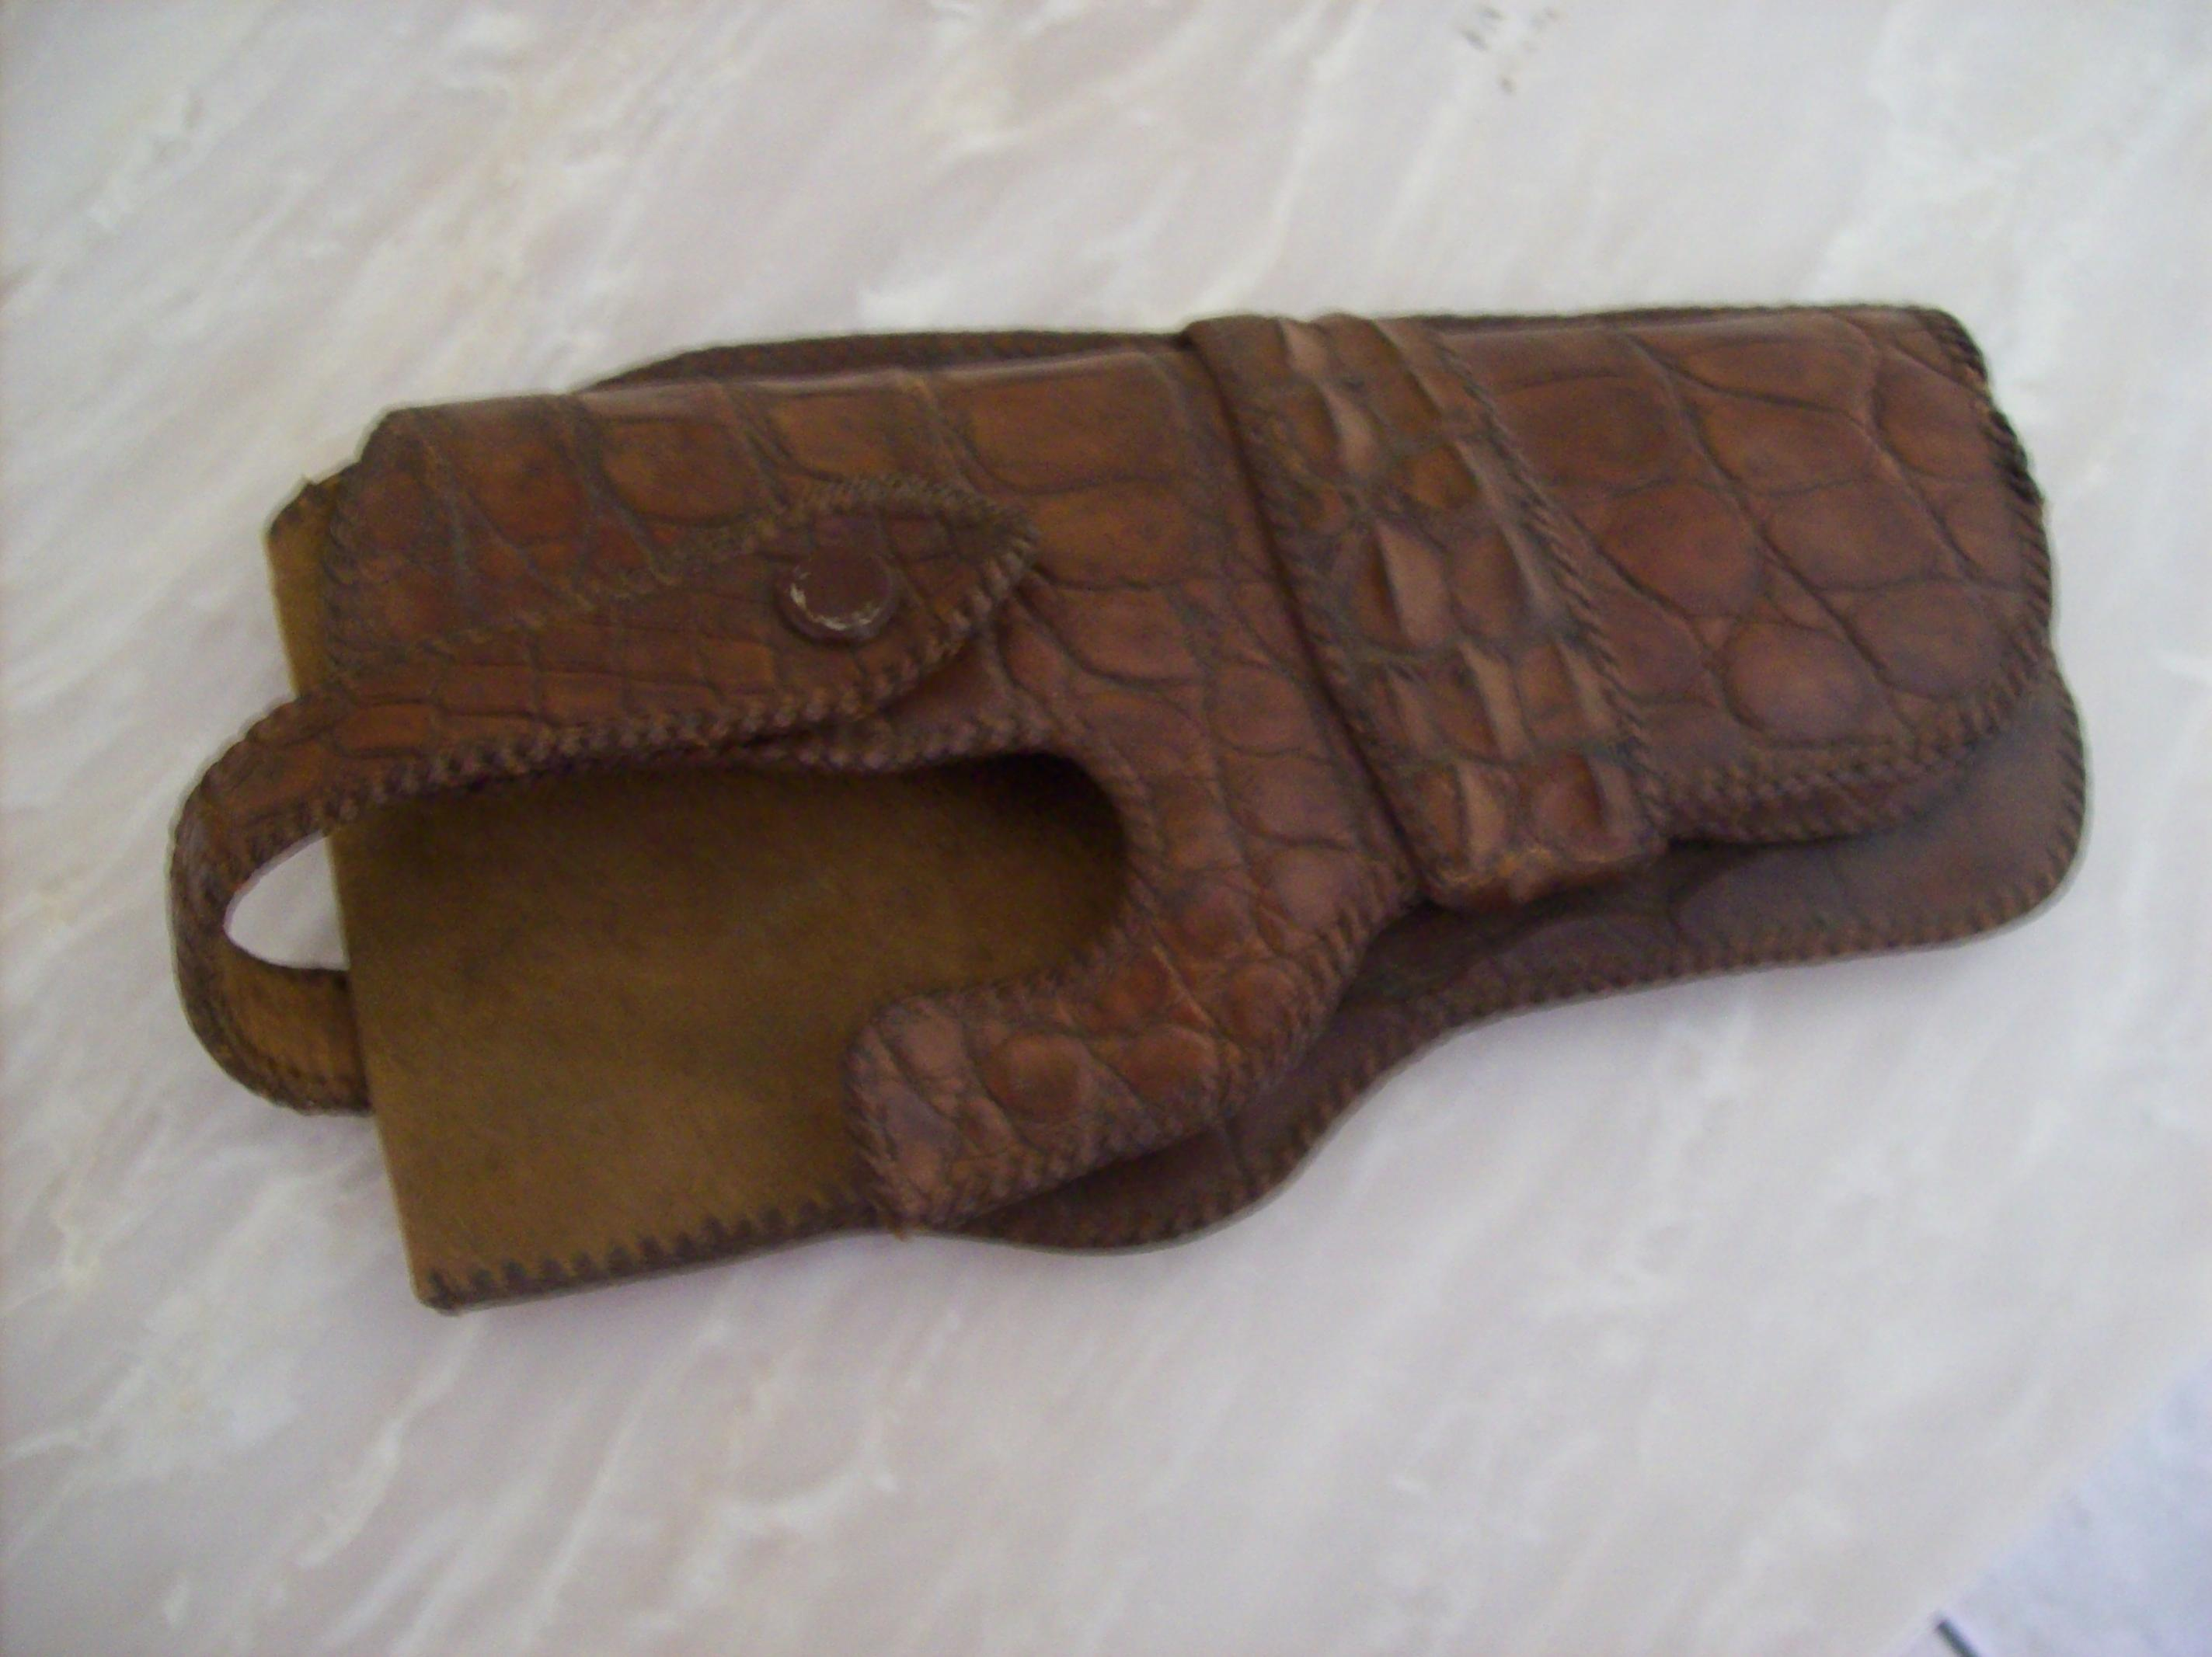 Very Old Alligator Set Up For The Colt 1911-100_1022.jpg